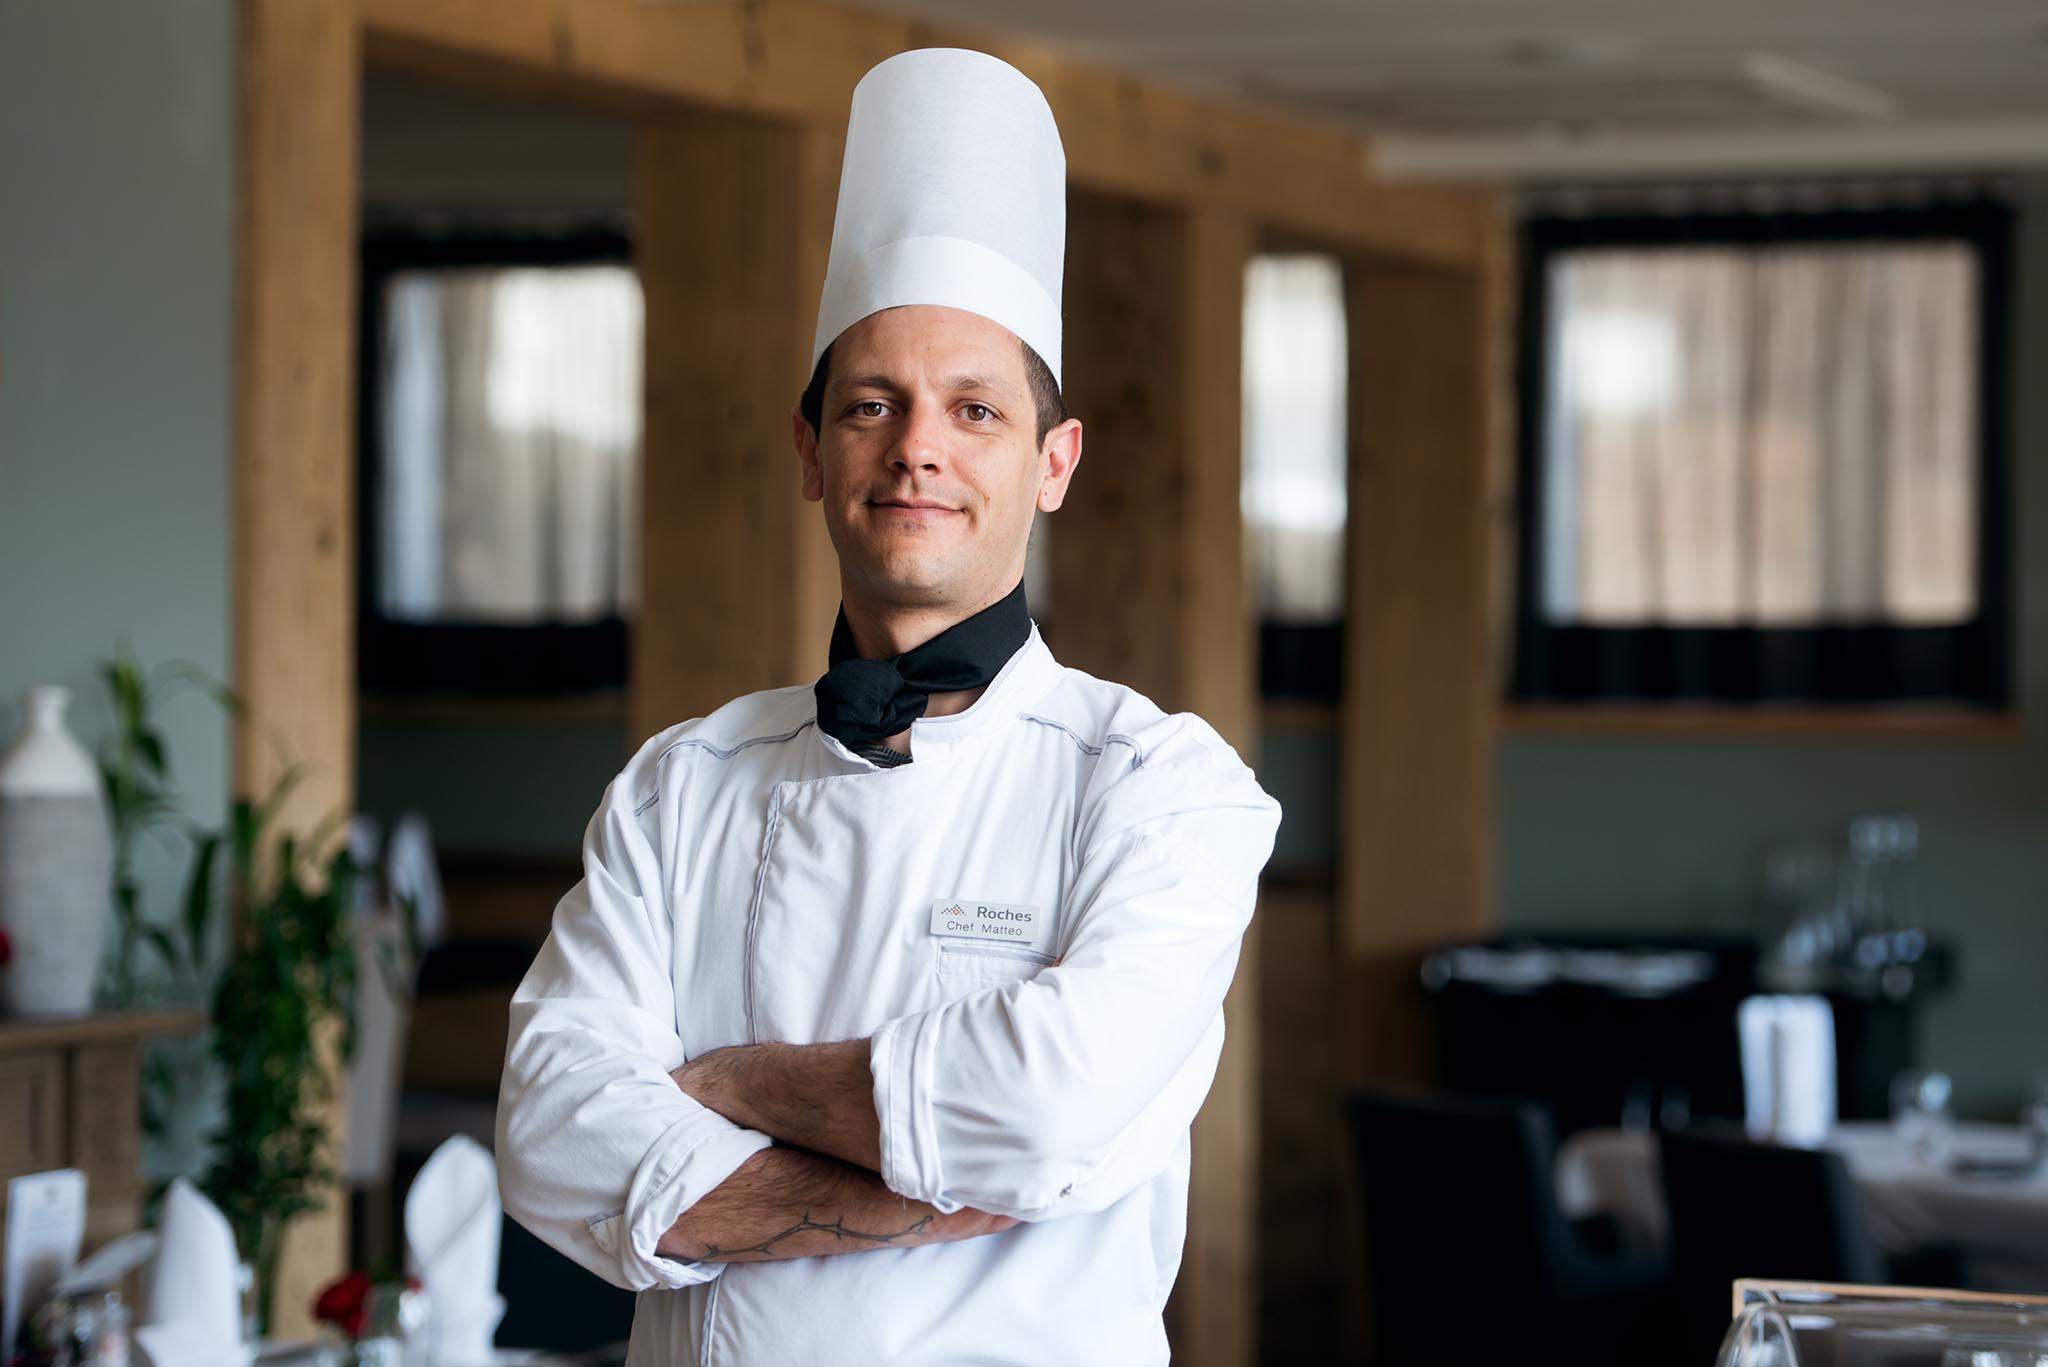 Roots ristorante didattico Les Roches Svizzera Matteo Salas